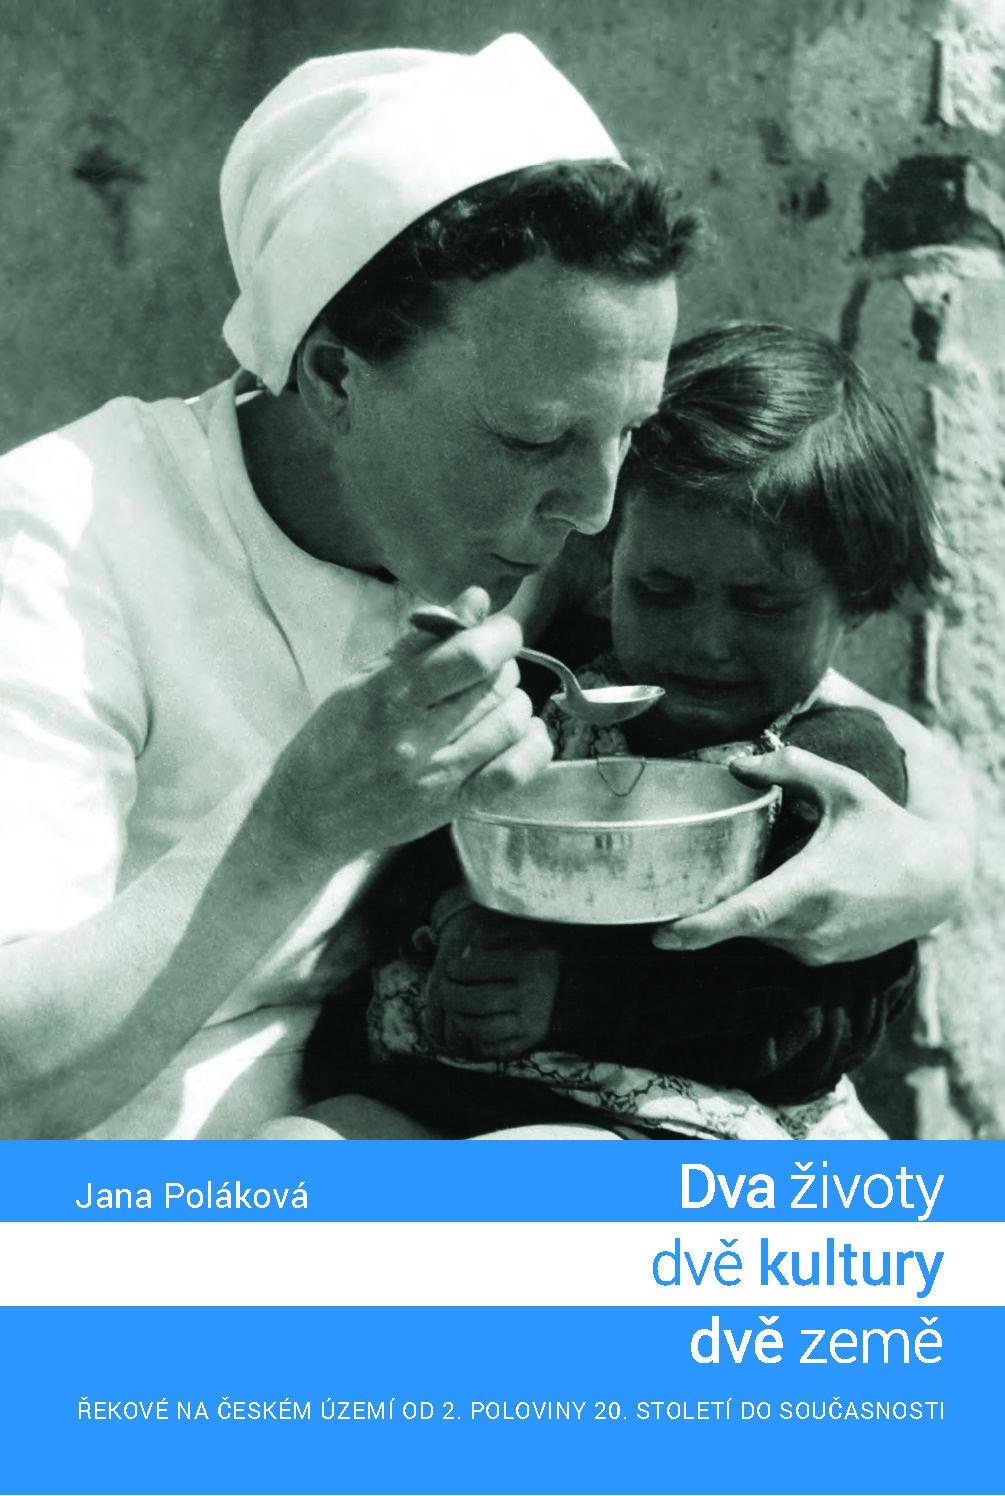 Obálka pro Dva životy, dvě kultury, dvě země. Řekové na českém území od 2. poloviny 20. století do současnosti